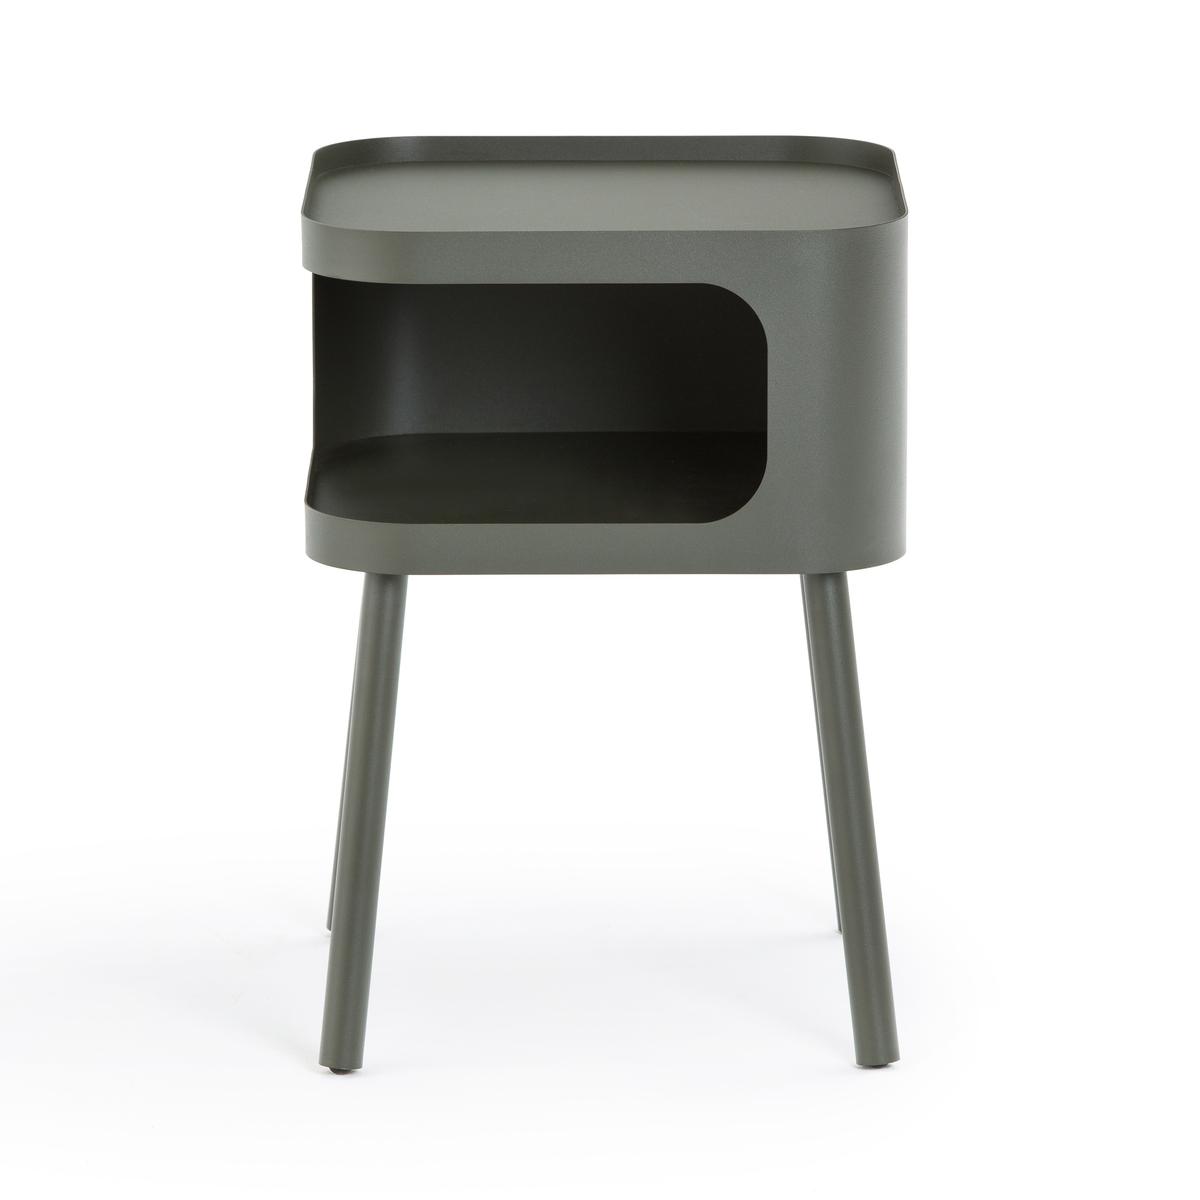 Столик LaRedoute Прикроватный из металла Malakou единый размер зеленый